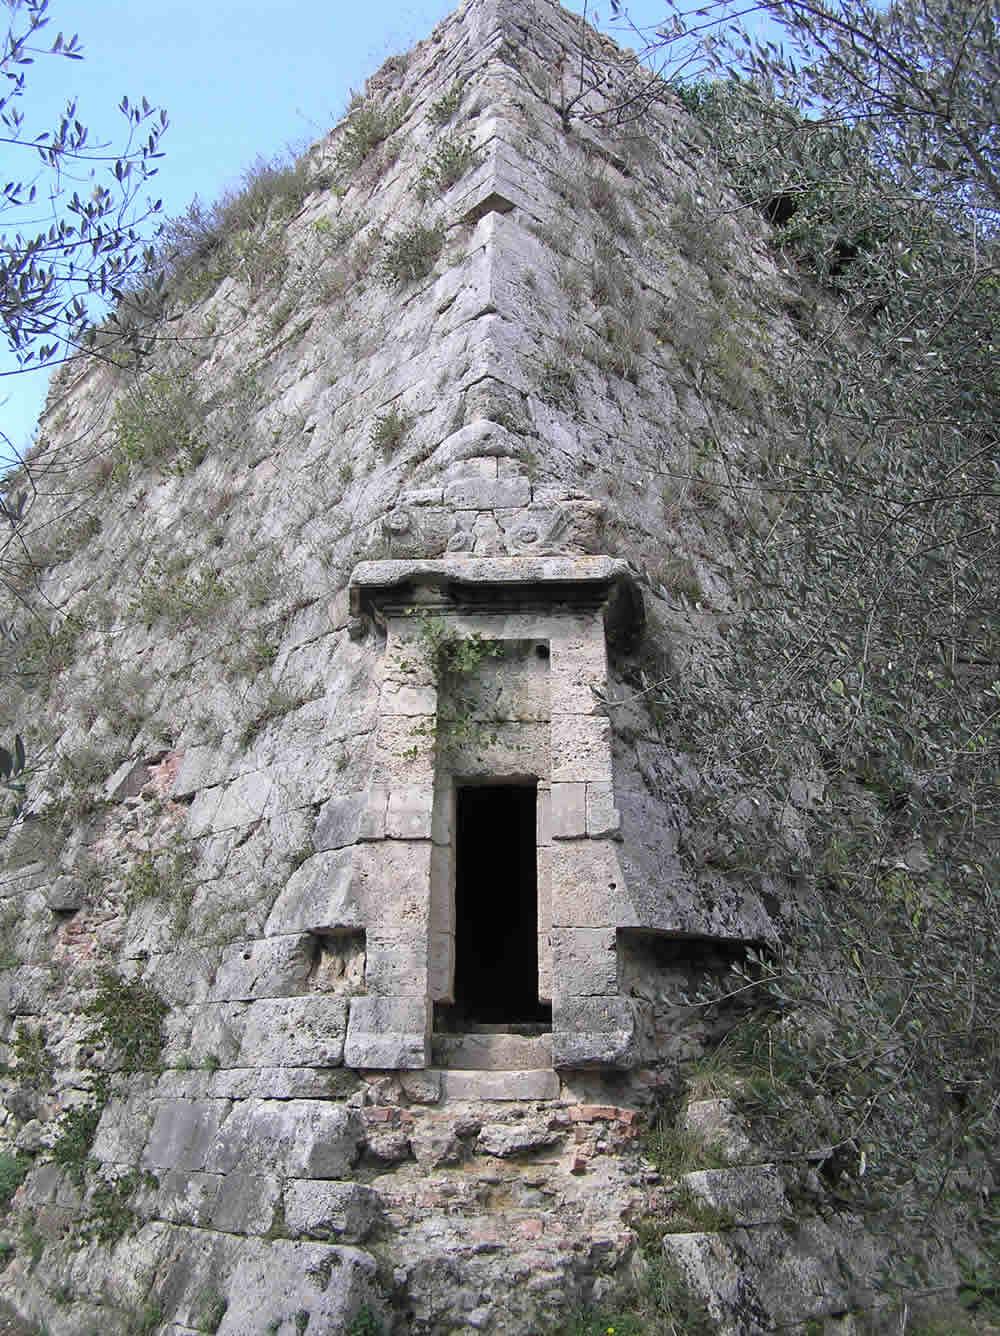 Il bastione che dà alla fortezza l'aspetto pentagonale ha anch'esso un ingresso. Cassero Mediceo, Fortezza di Poggio Imperiale, Poggibonsi, Siena. Author and Copyright Marco Ramerini